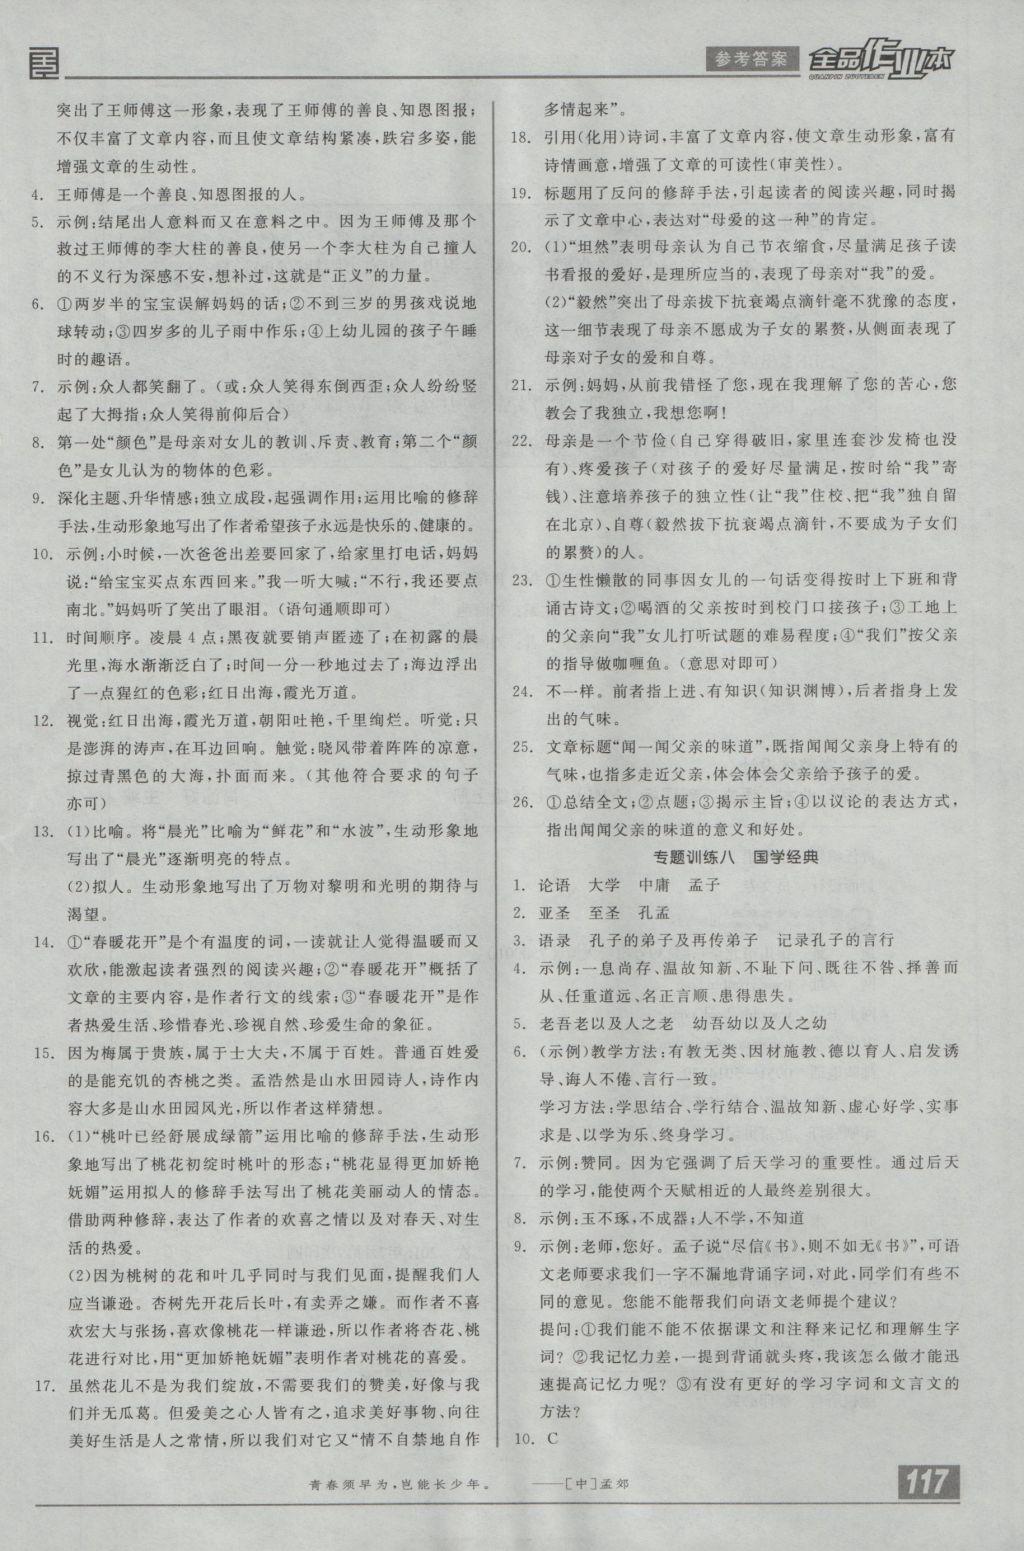 2016年全品作业本七年级语文上册语文版参考答案第19页